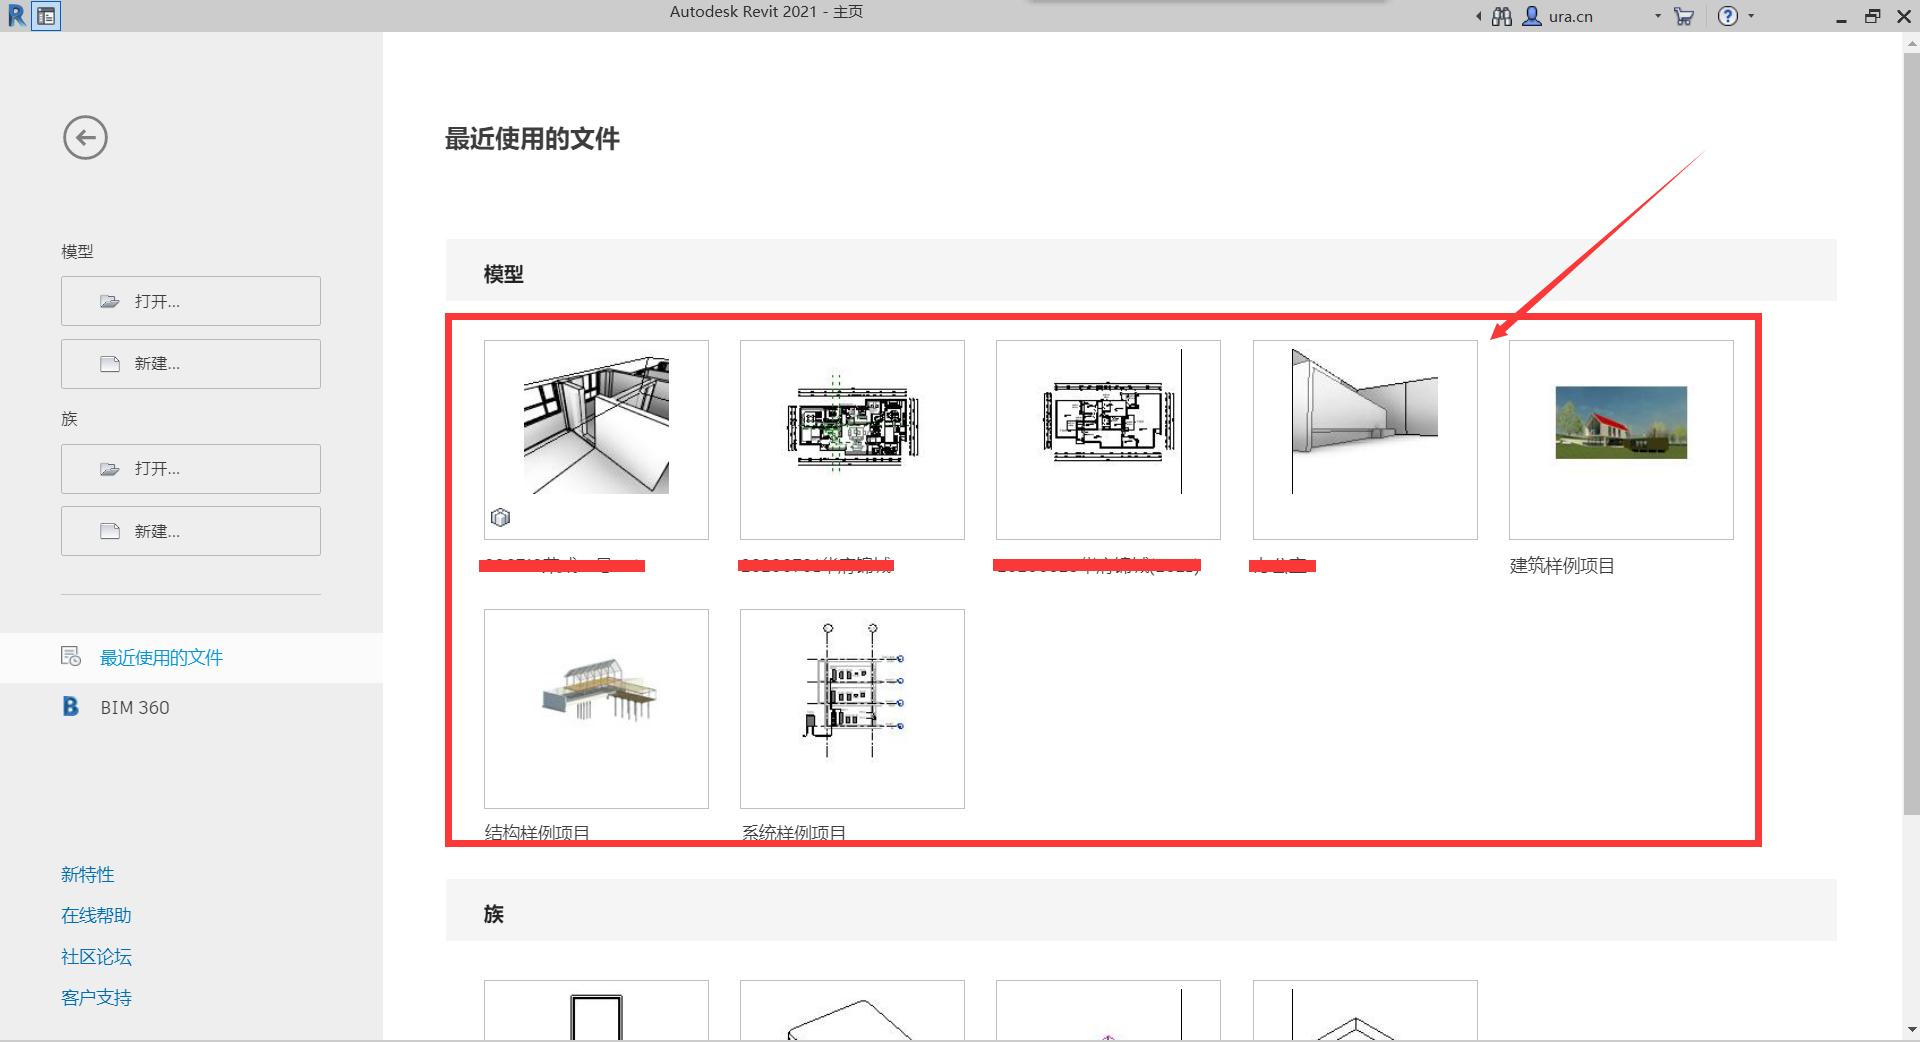 图片[1]-清理revit主视图,清理revit开始菜单,revit删除最近使用的文件记录